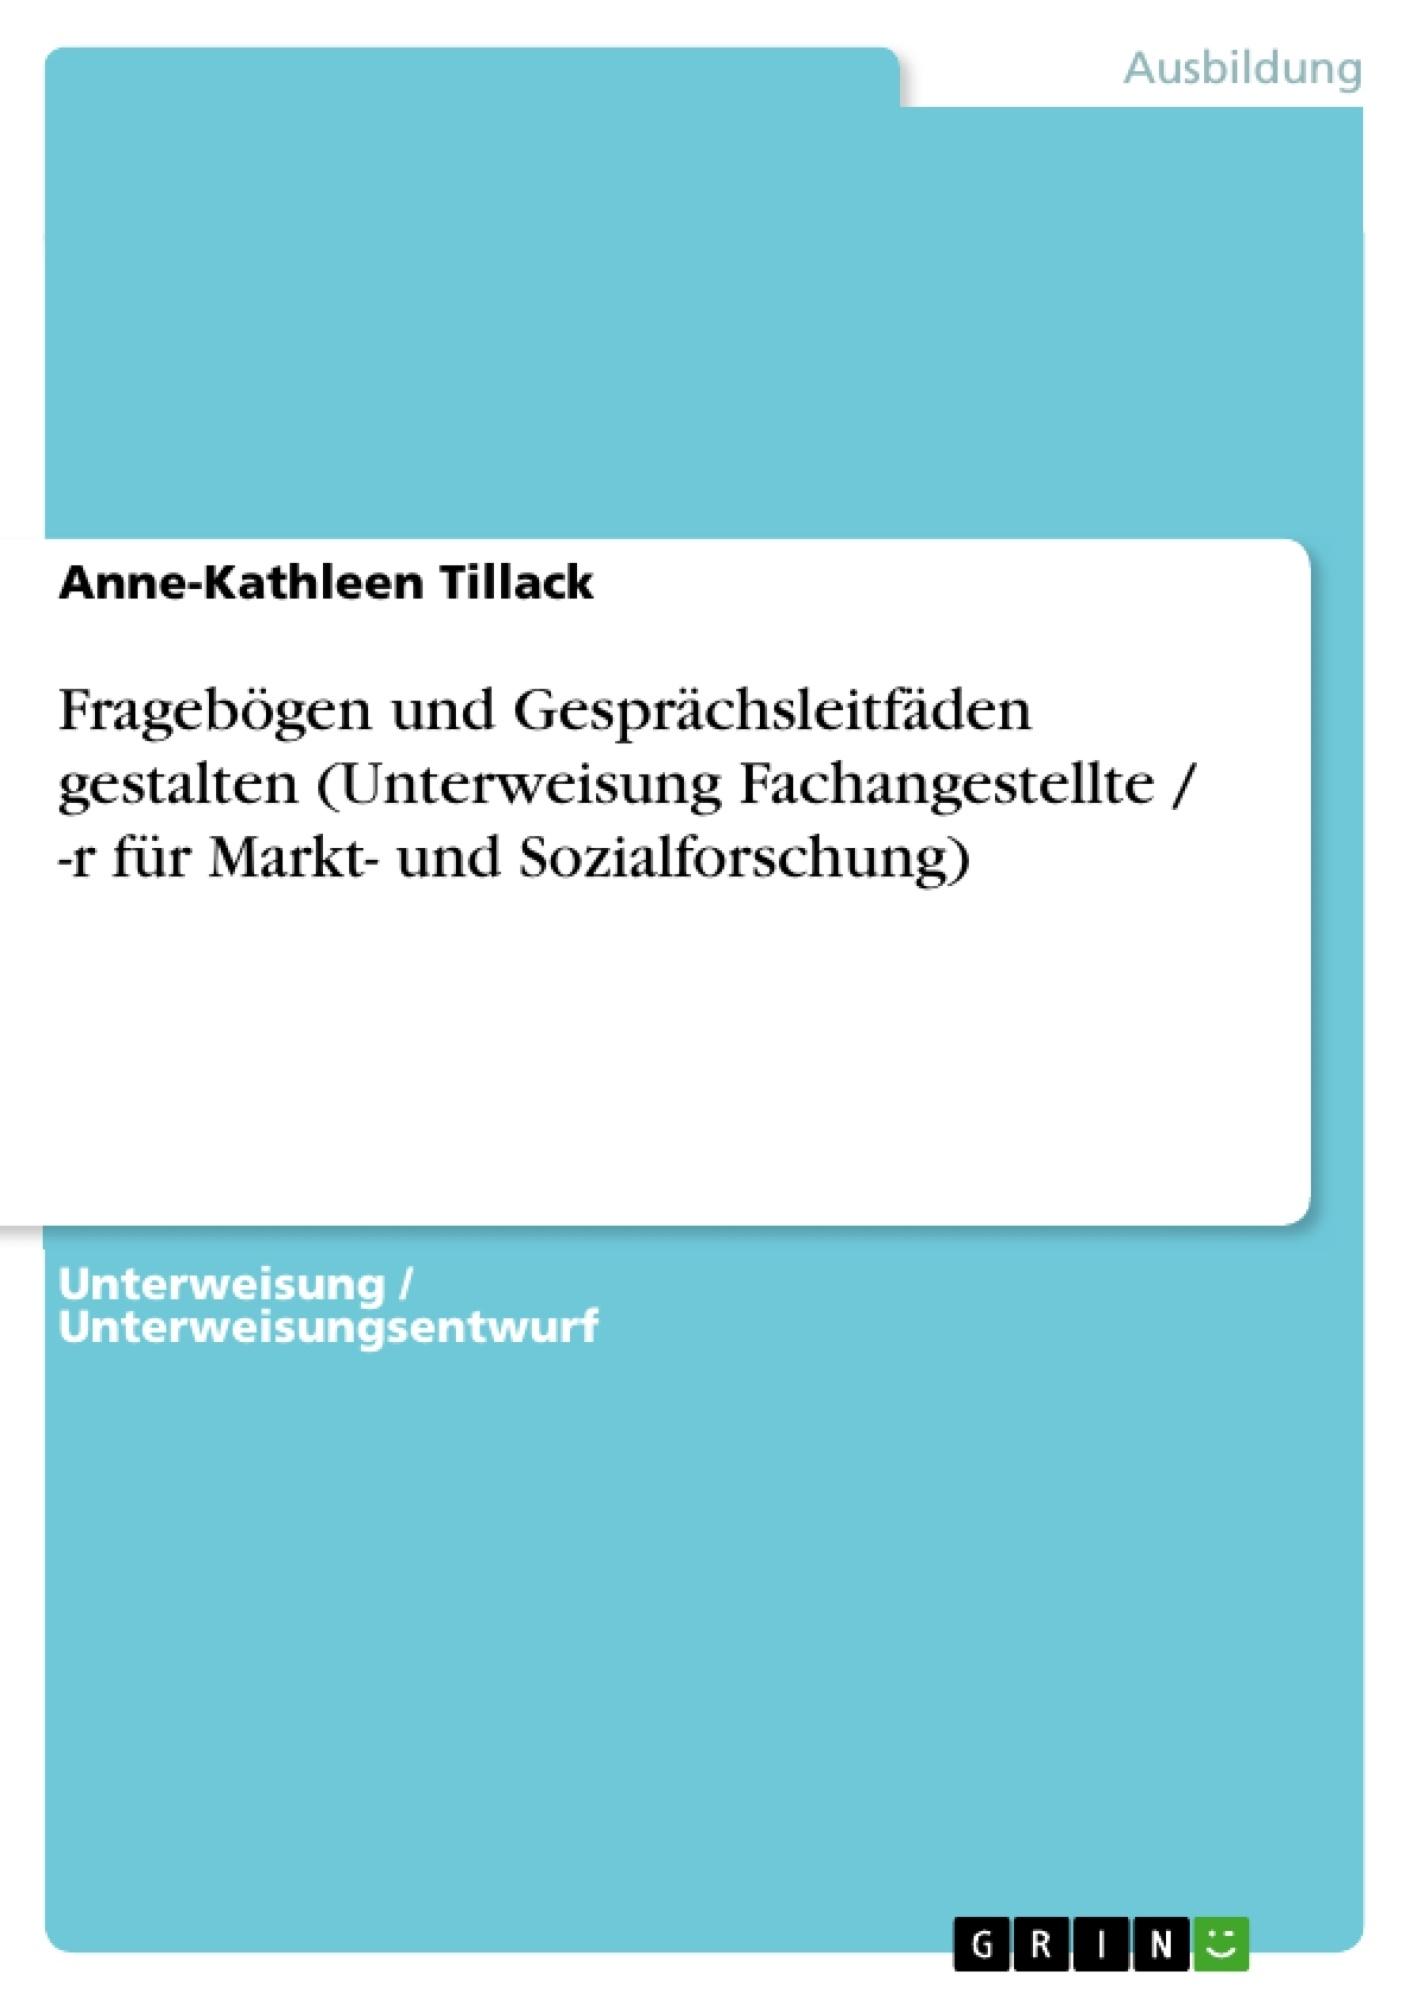 Titel: Fragebögen und Gesprächsleitfäden gestalten (Unterweisung Fachangestellte / -r für Markt- und Sozialforschung)